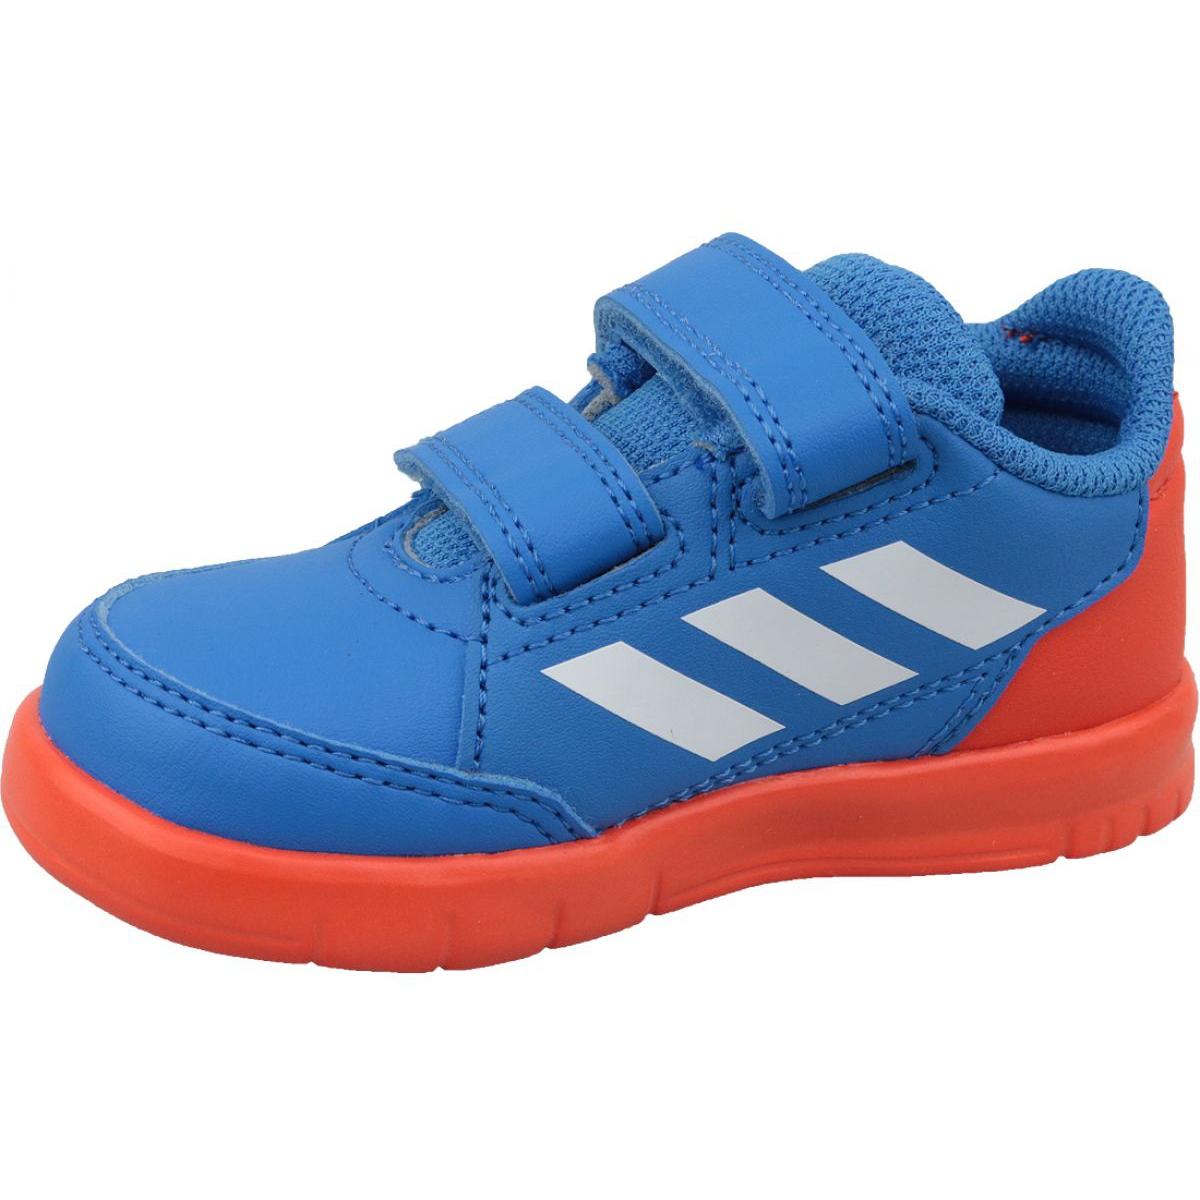 Obuv Adidas AltaSport Cf I D96842 modrý